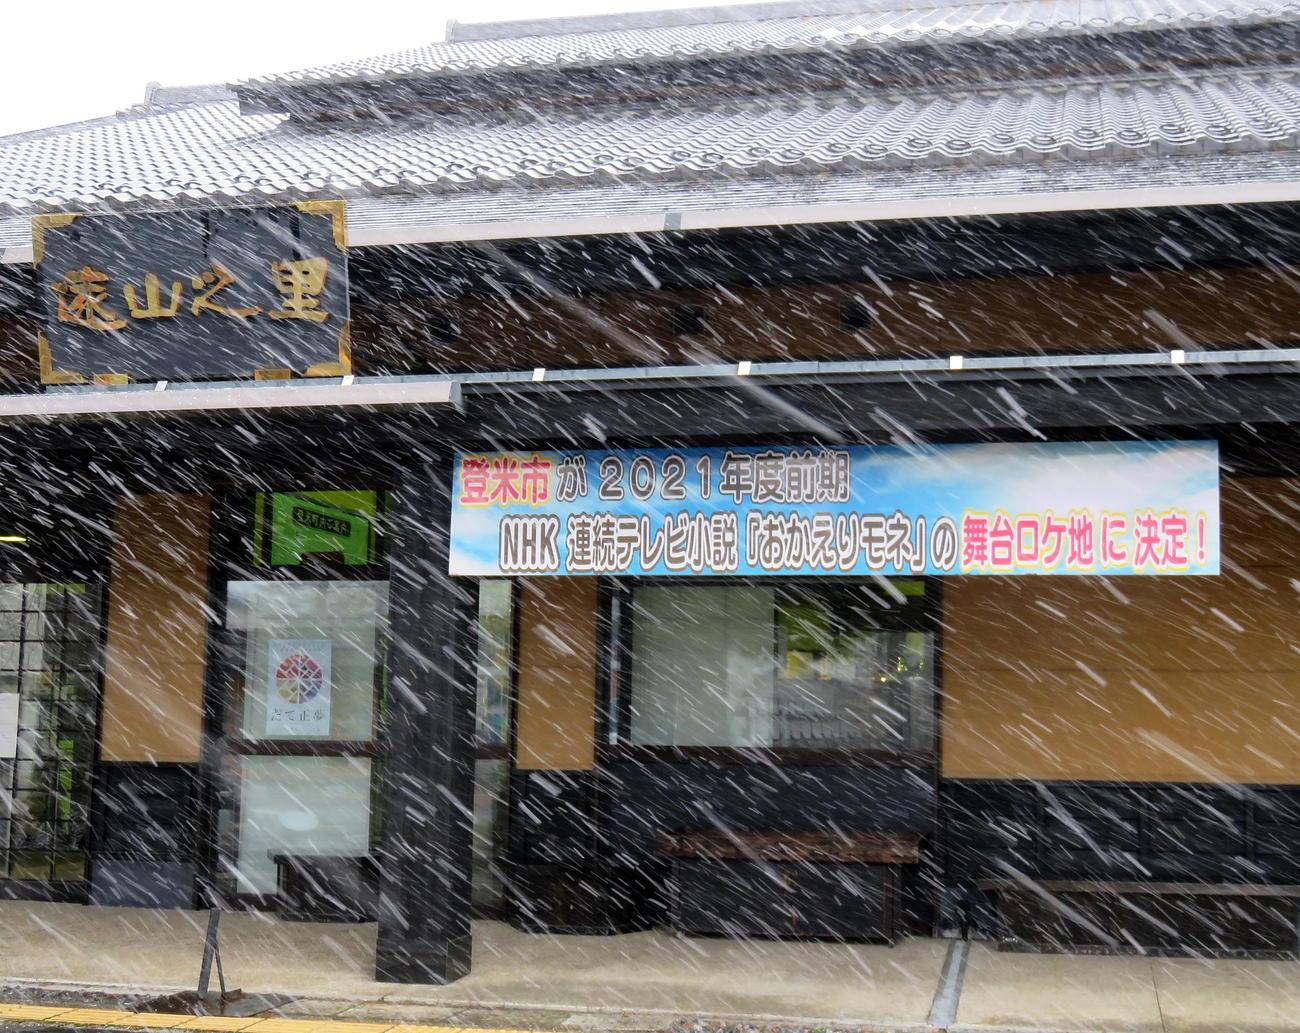 とよま観光物産センター遠山之里に掲げられた「おかえりモネ」ロケ地決定の看板(撮影・鎌田直秀)